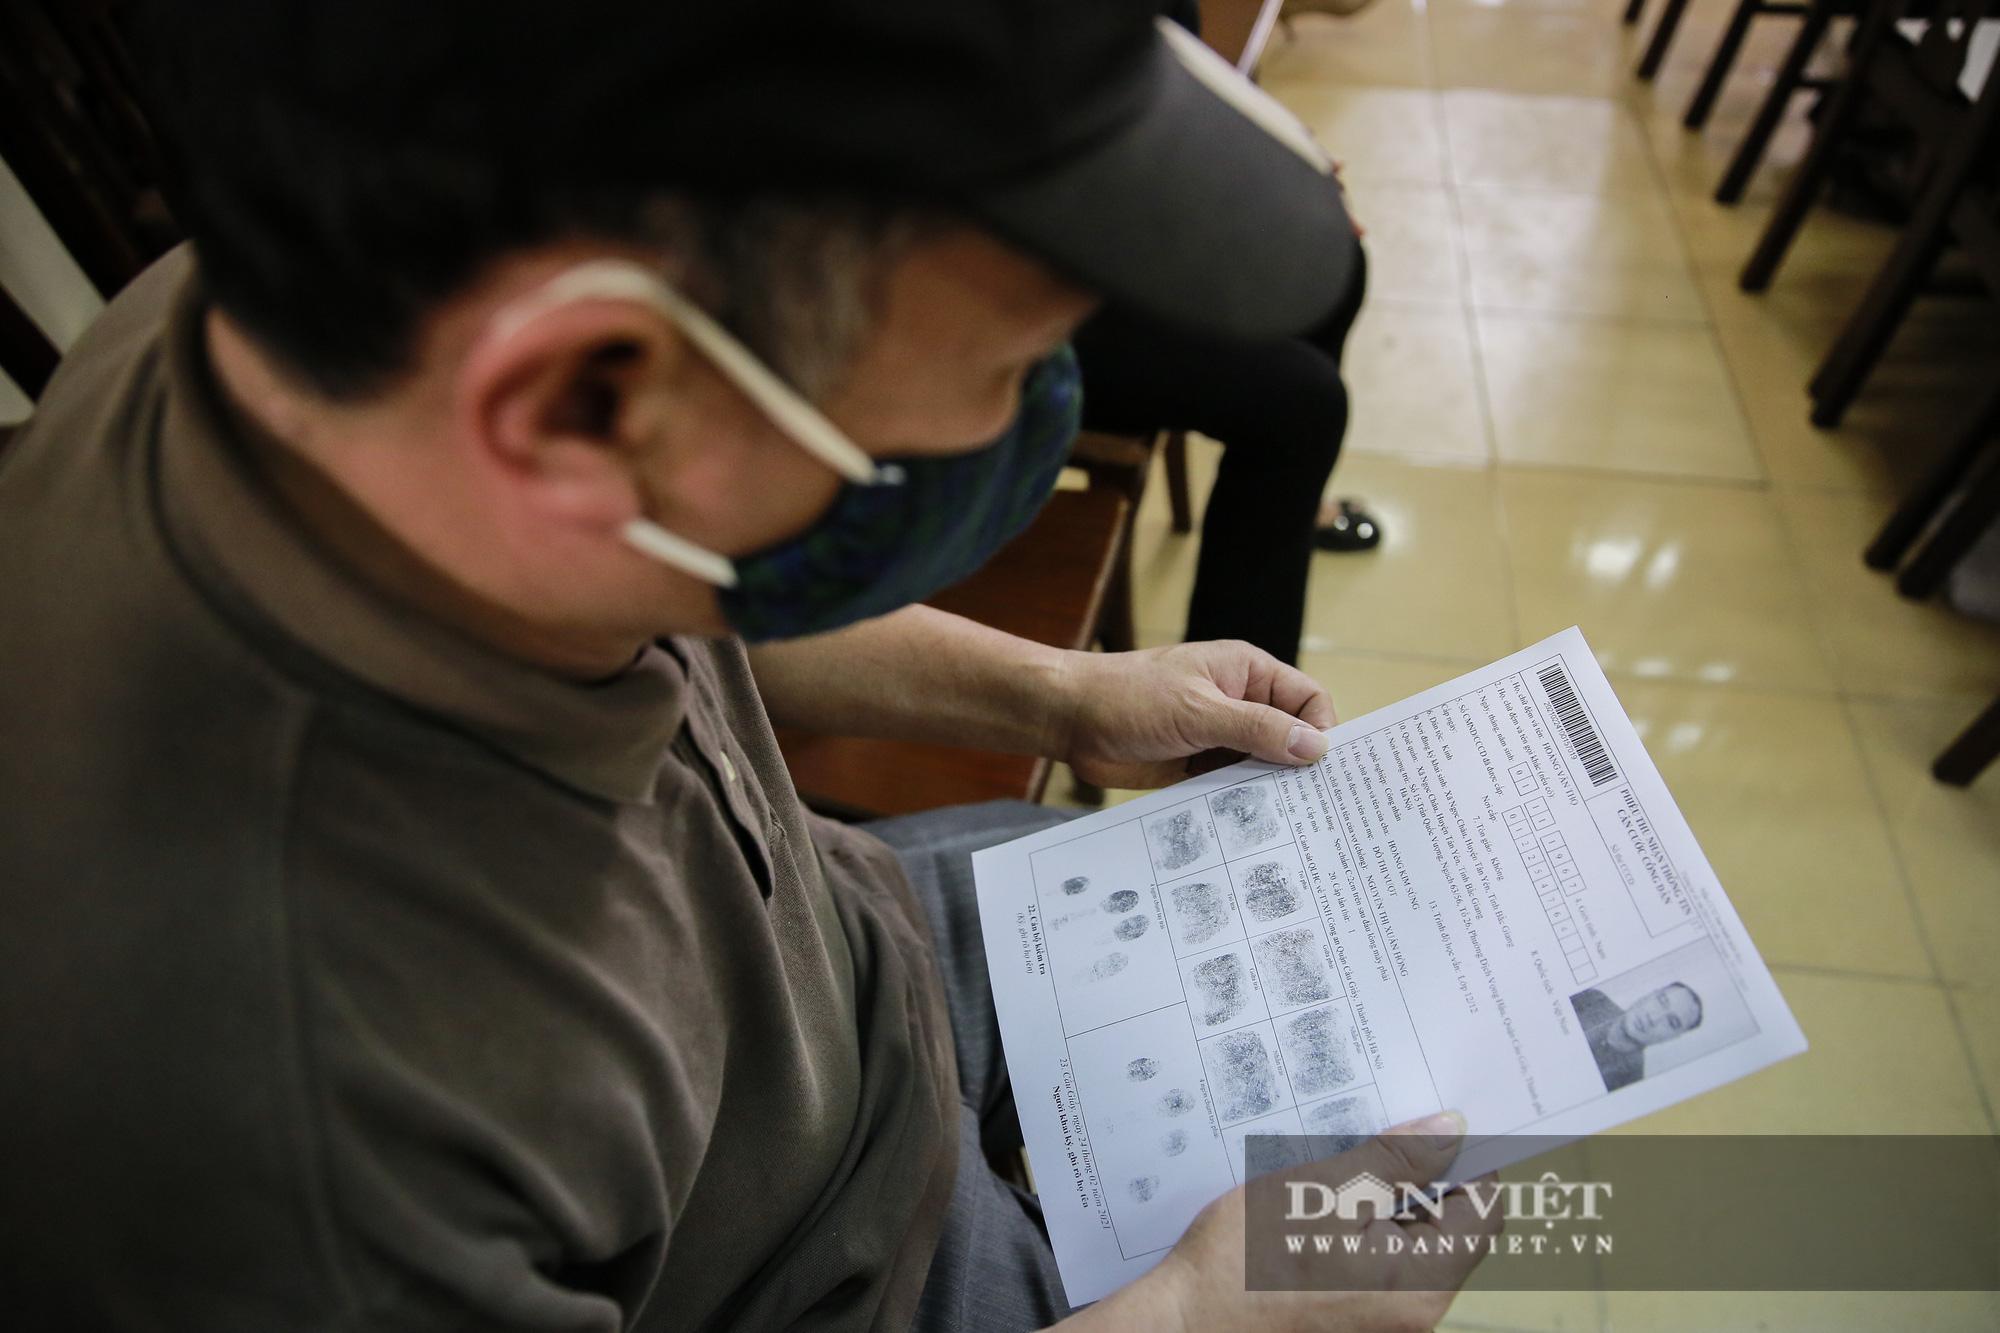 Mục sở thị quá trình cấp thẻ căn cước công dân gắn chíp lưu động tại Hà Nội - Ảnh 8.